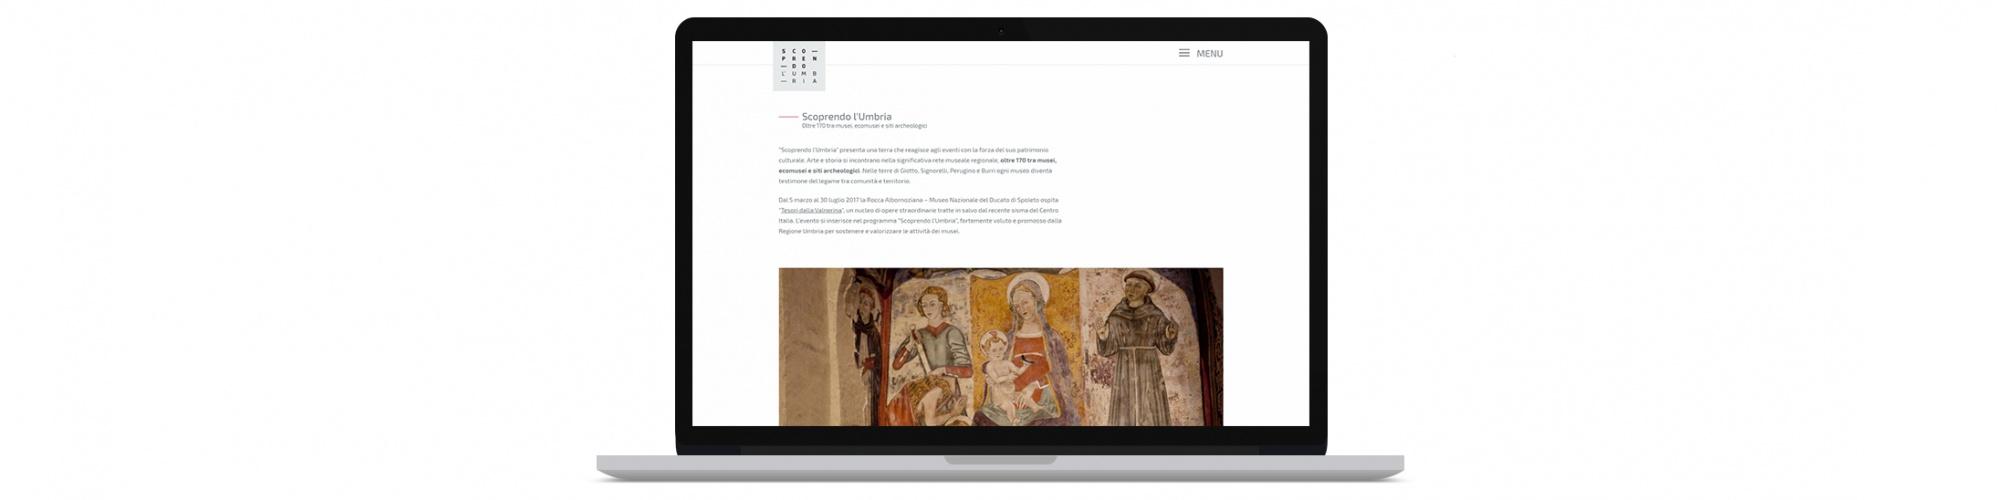 Sito web per scoprire la regione Umbria